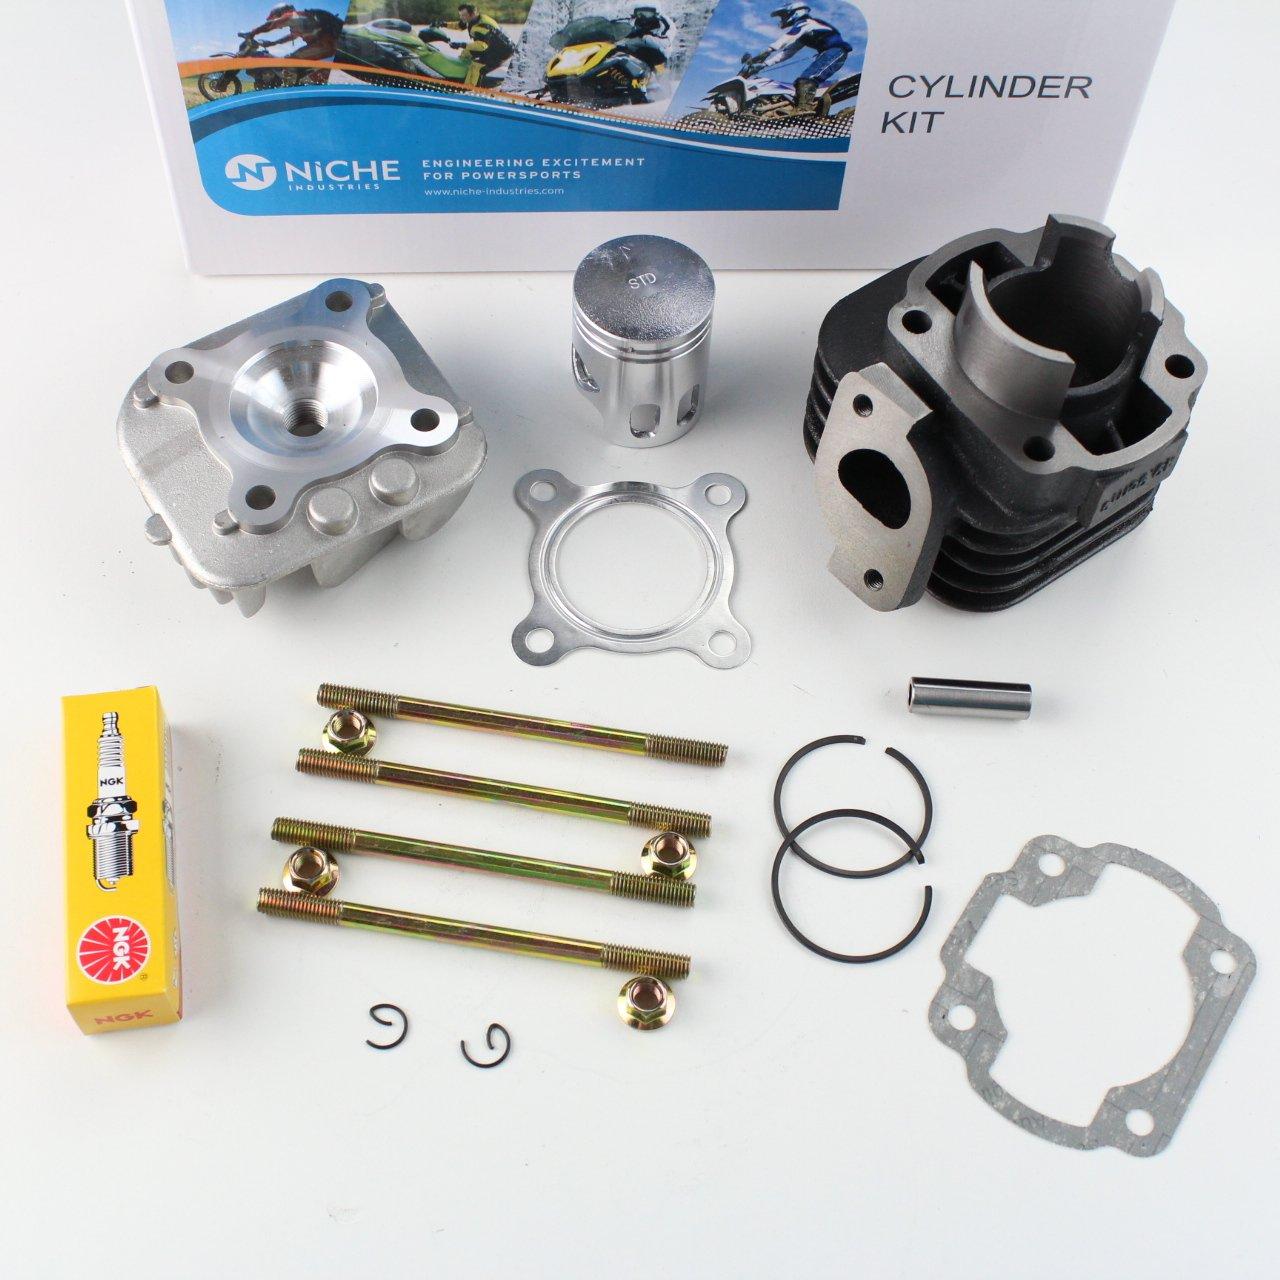 NICHE Cylinder Piston Gasket Cylinder Head Top End Kit for Polaris Scrambler 50 2001-2003 Niche Industries